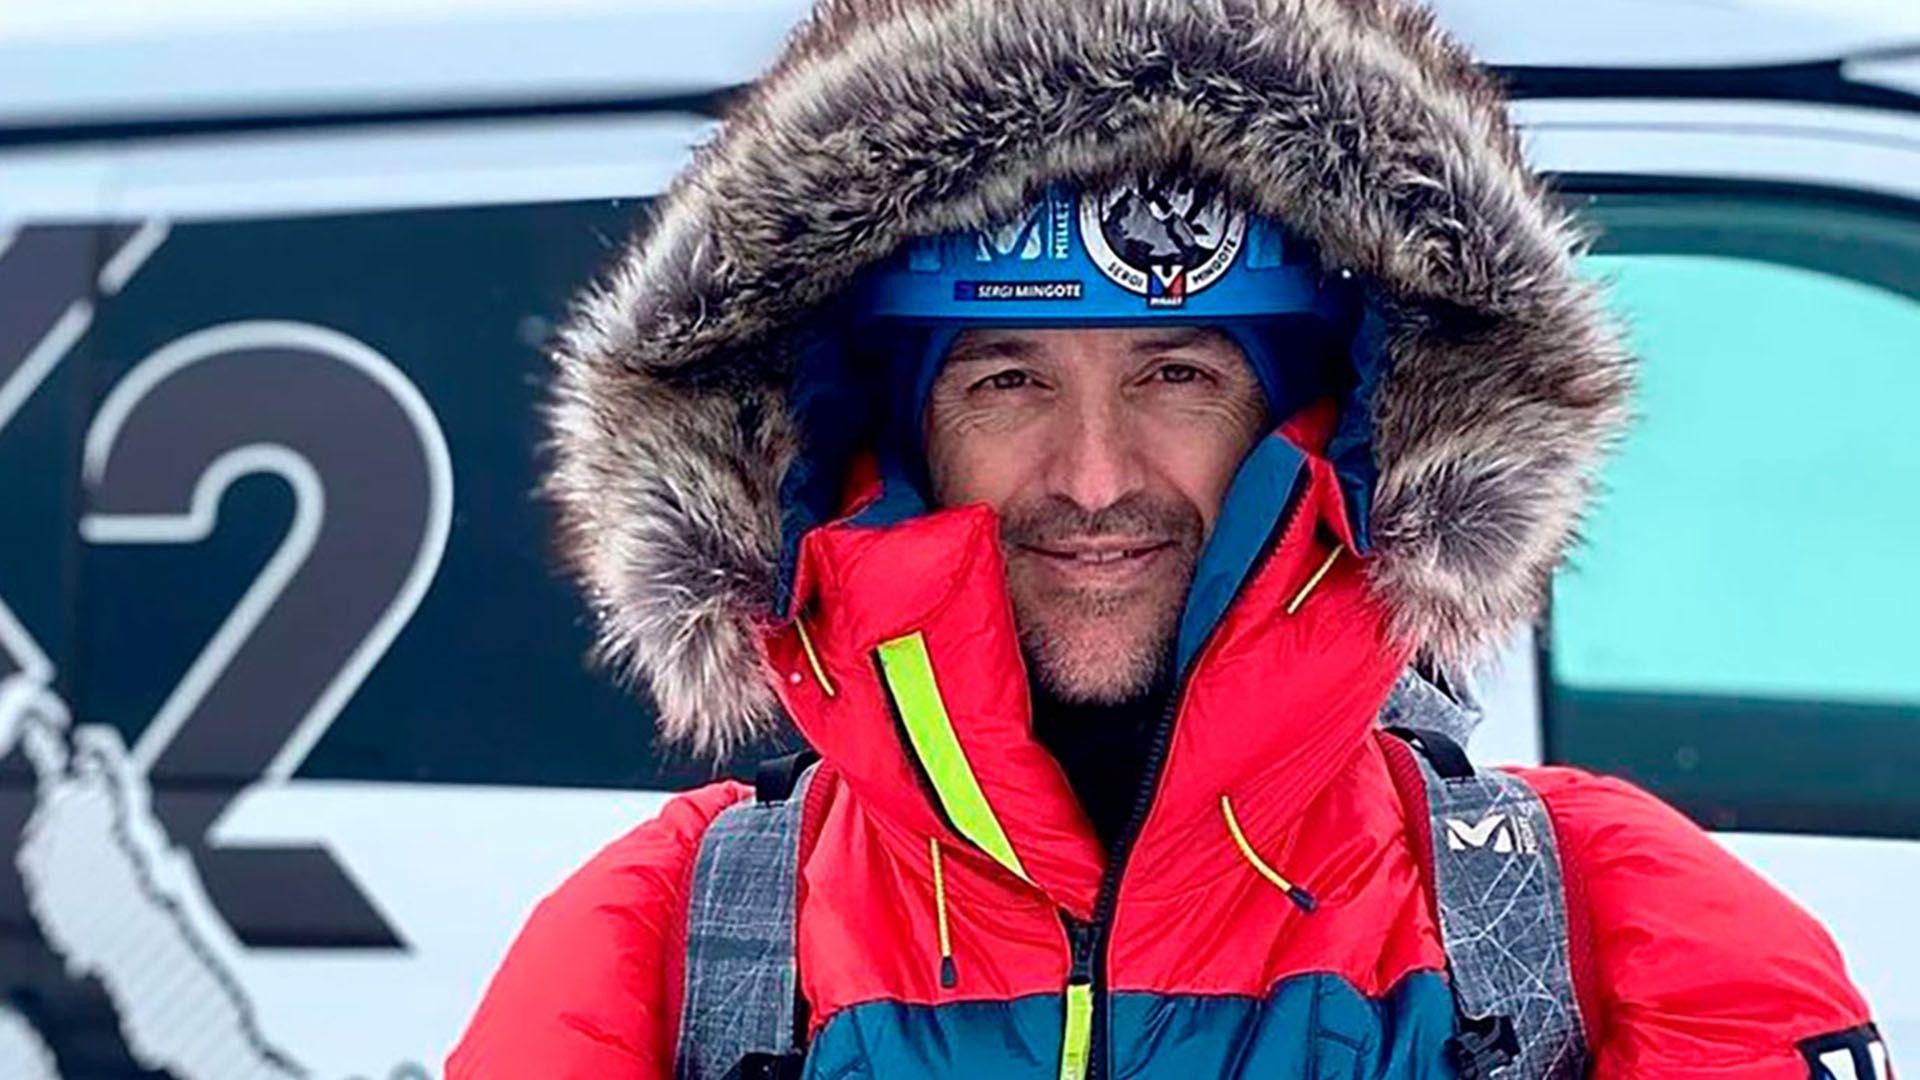 Muerte-alpinista-Sergi-Mingote